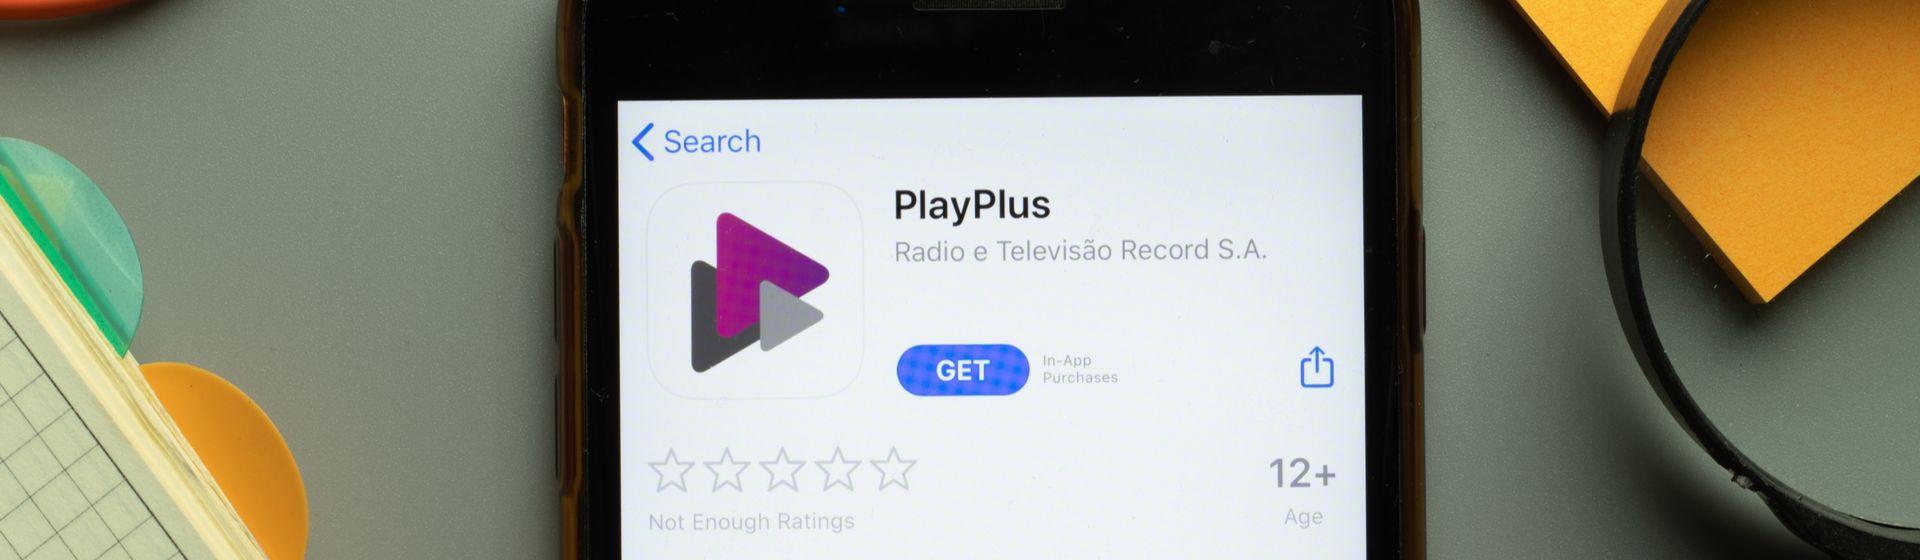 PlayPlus: o que é e como usar o serviço de streaming